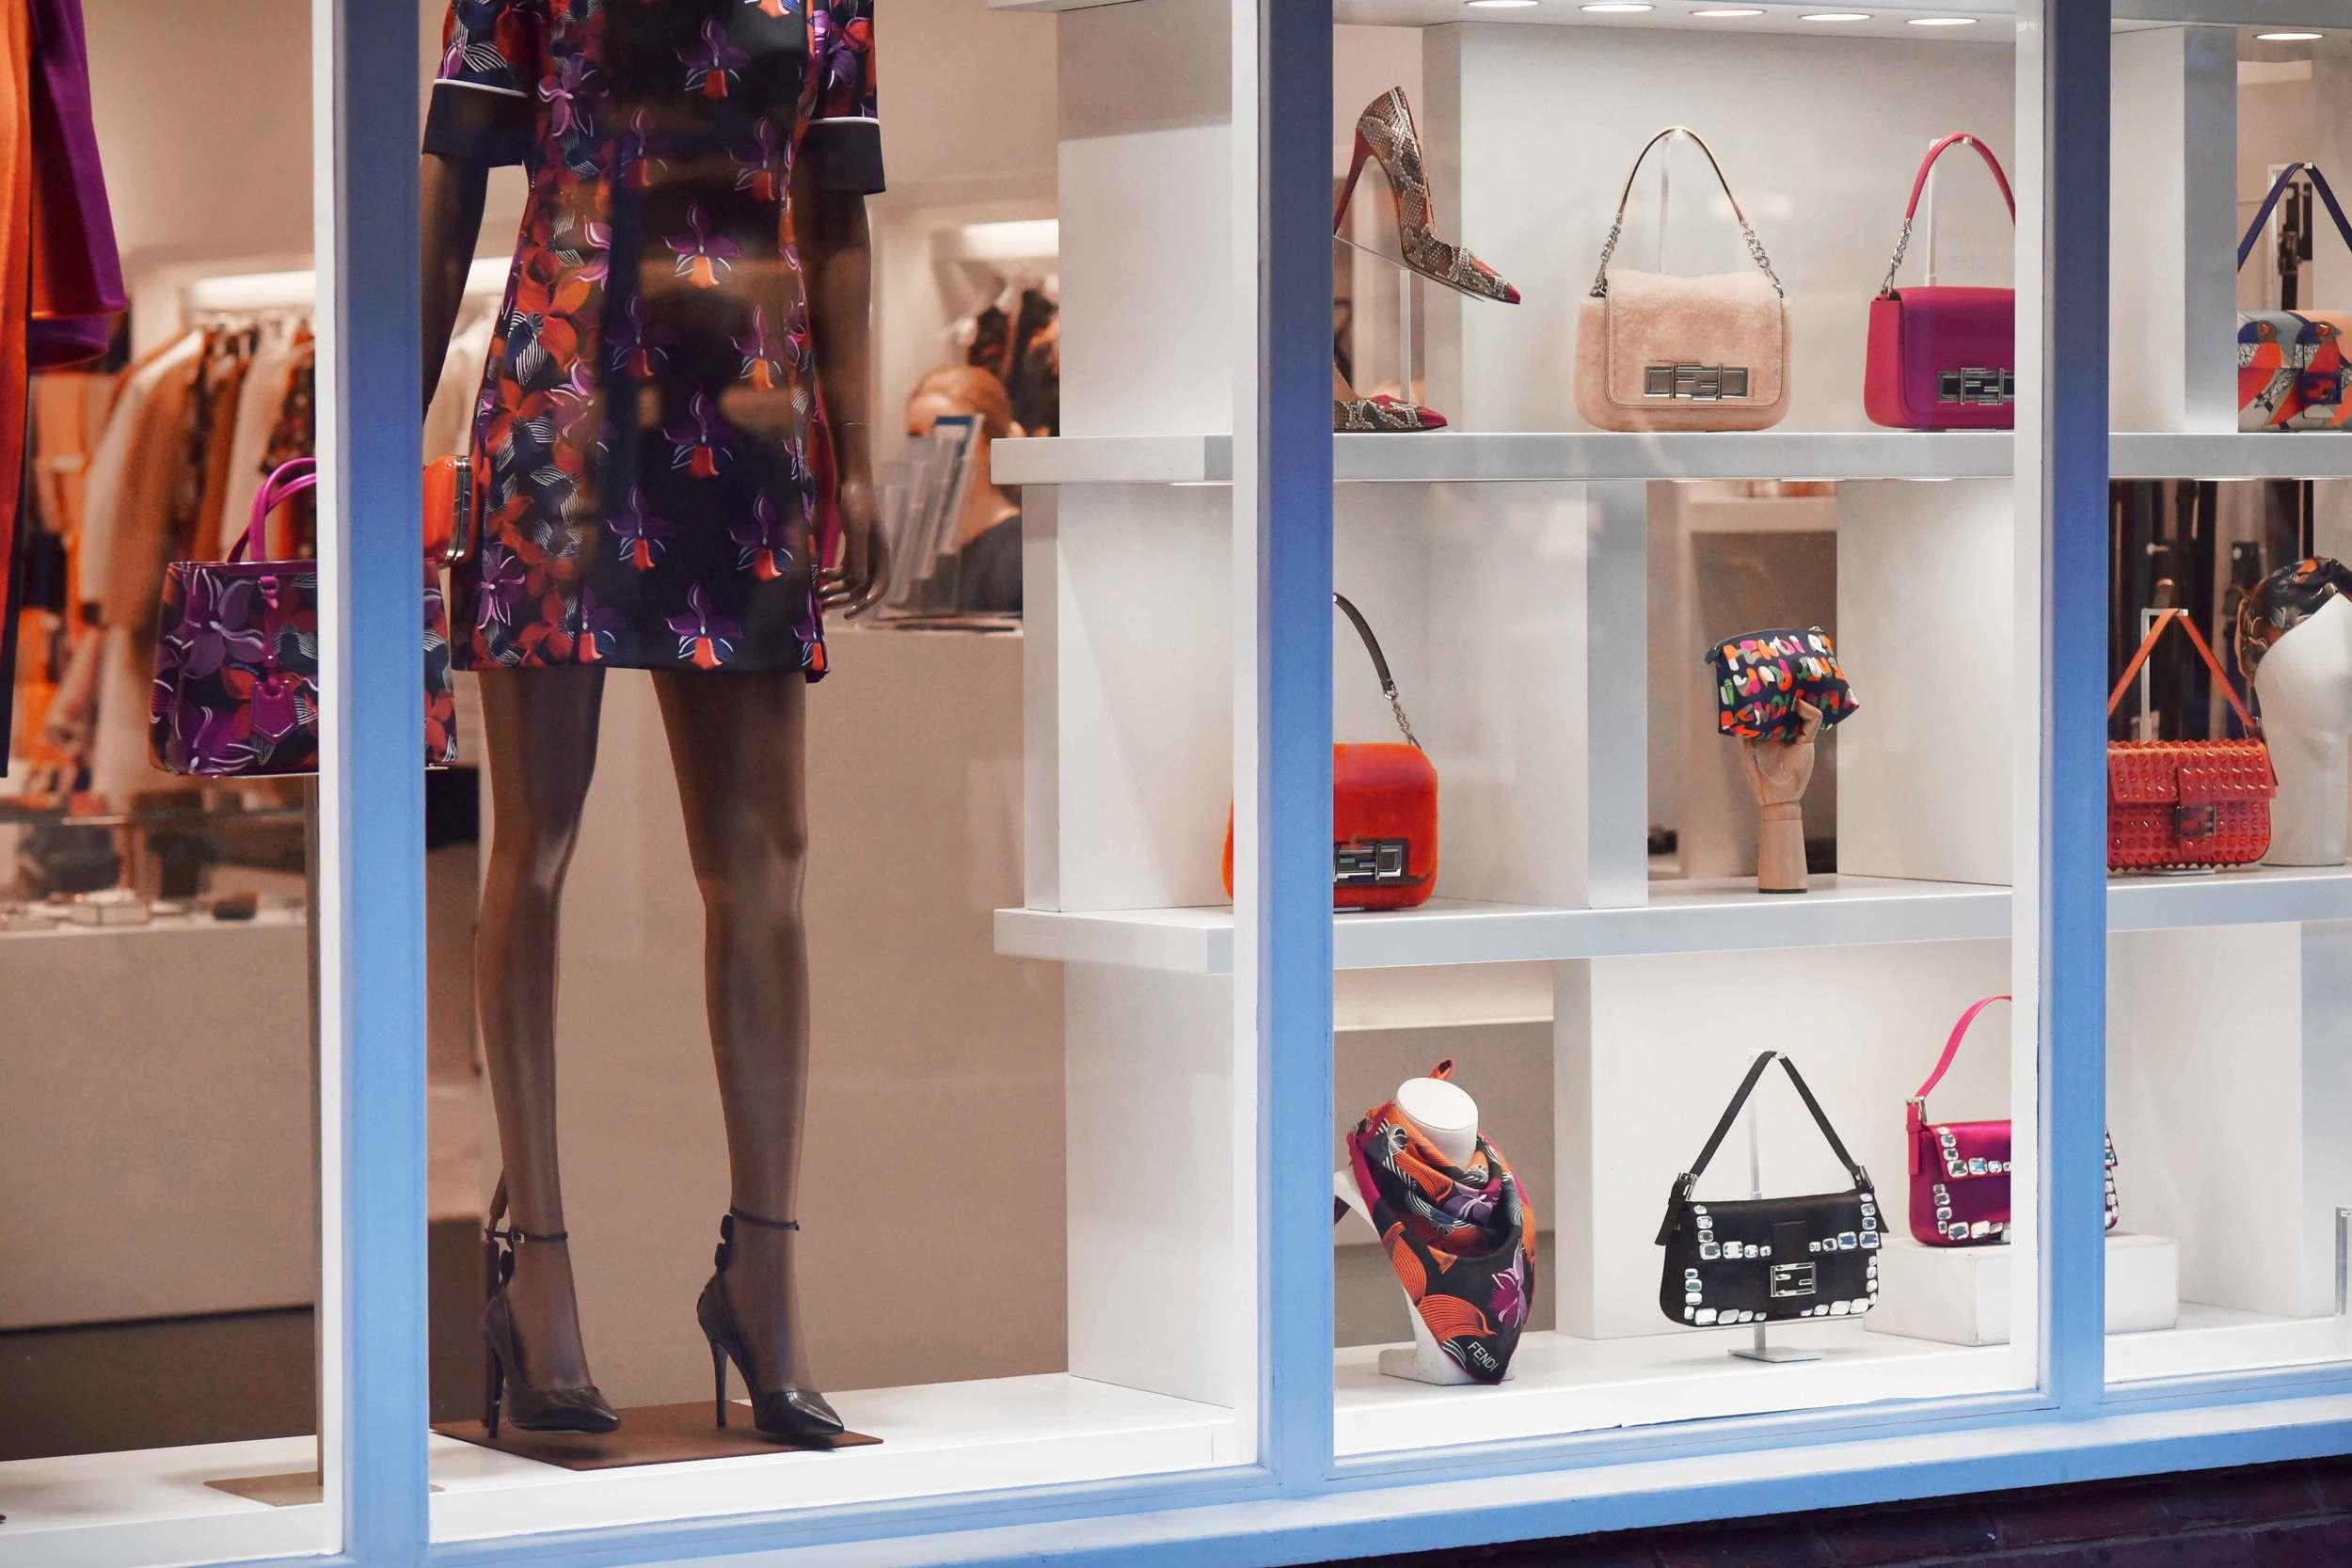 Fendi, Bicester village, designer shopping outlet near London, UK. Image©sourcingstyle.com